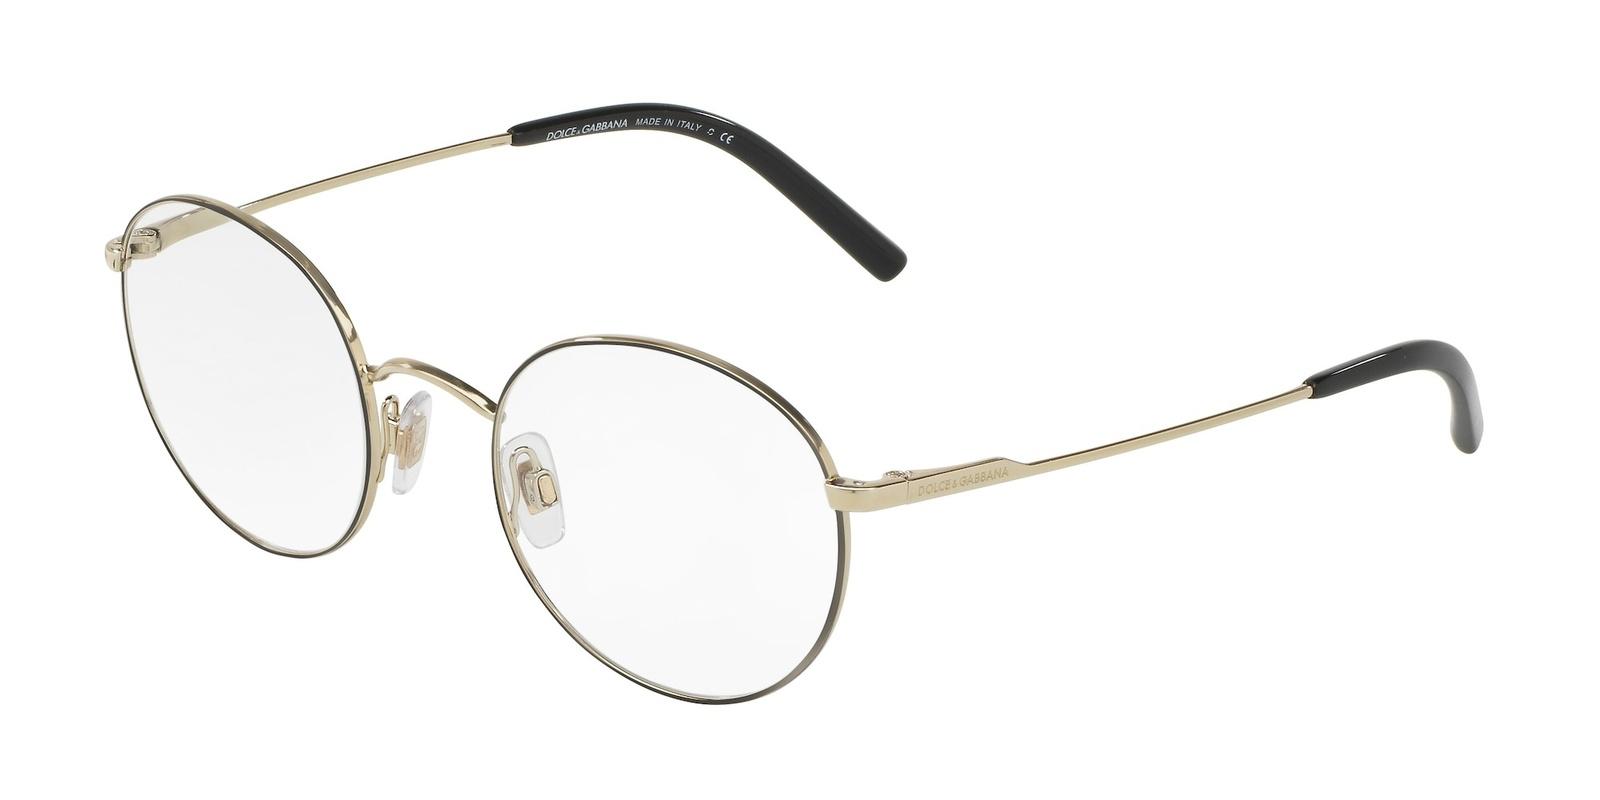 Dolce & Gabbana DG1290 eyeglasses